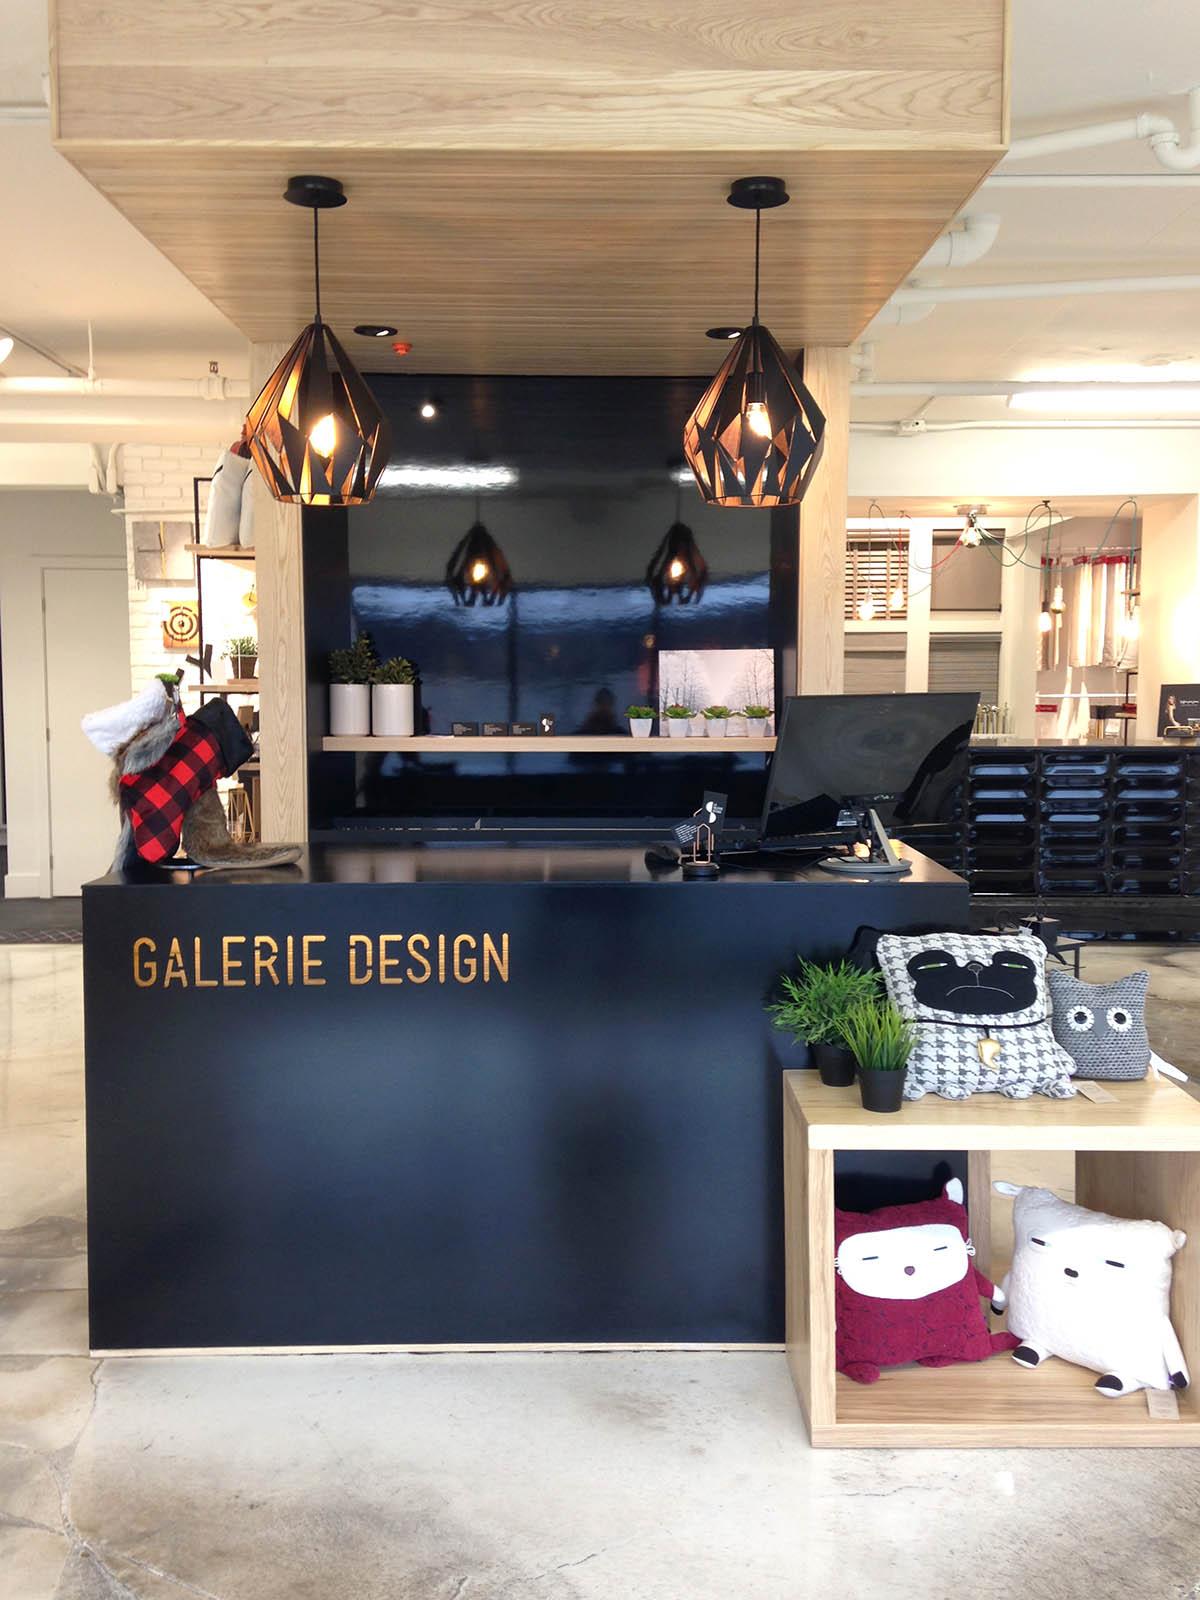 Visite chez La Galerie Design | AVDD | Chloé Comte